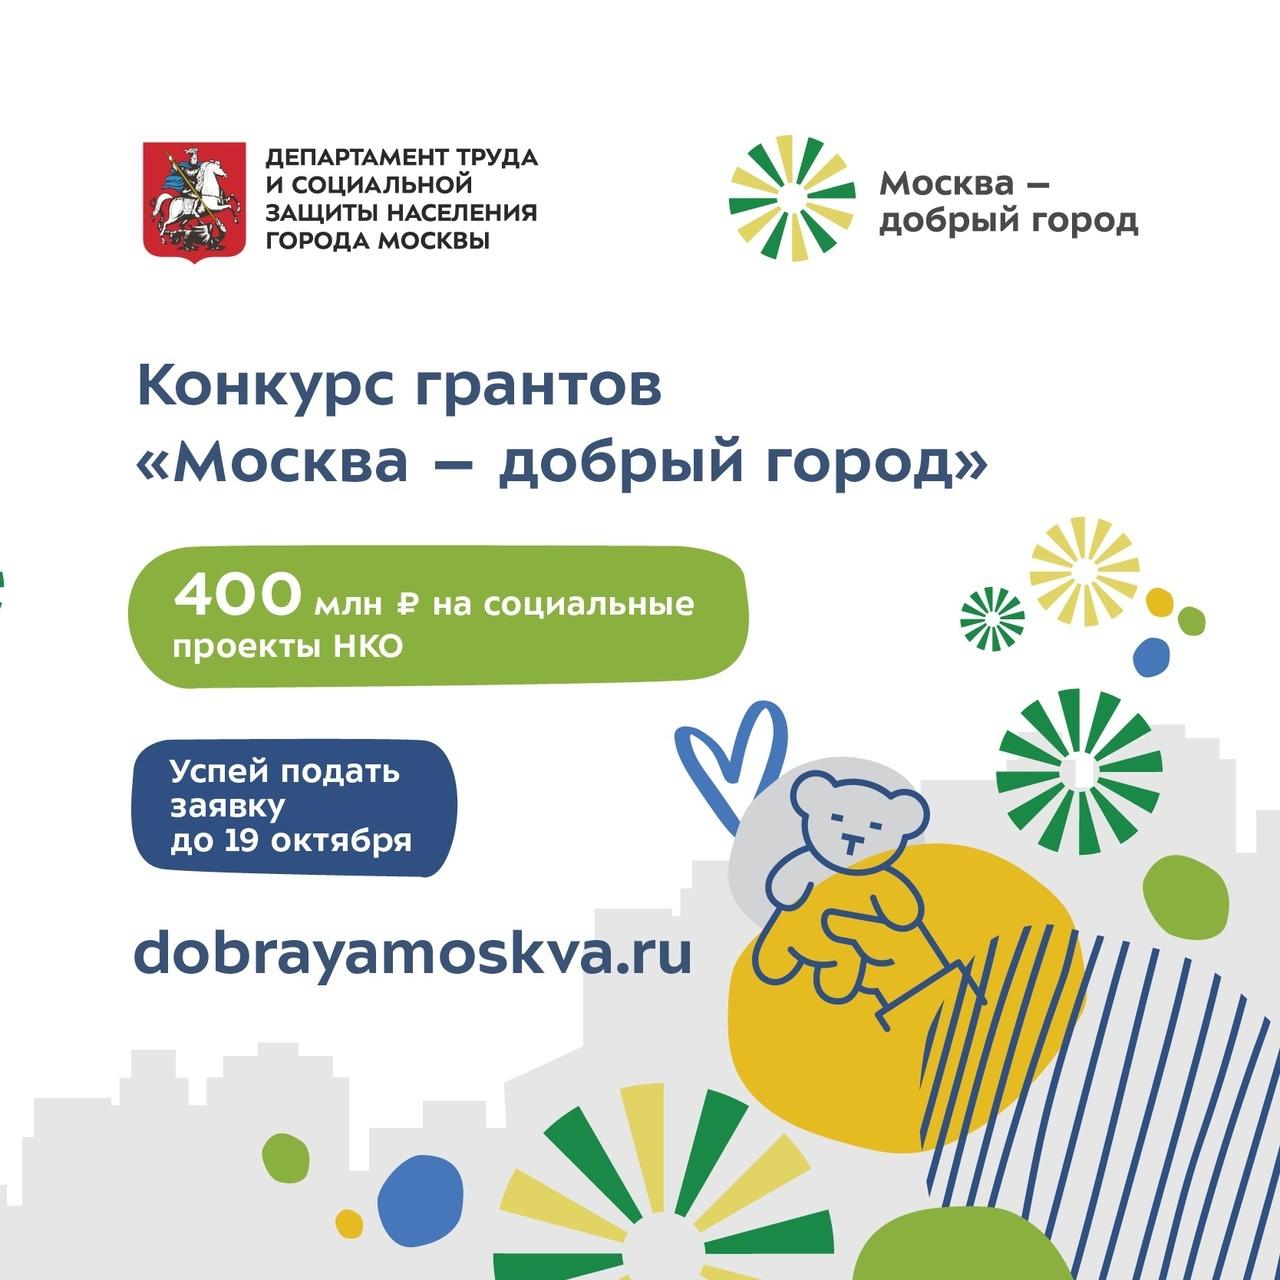 40 000 москвичей получили помощь от проектов-победителей конкурса грантов «Москва — добрый город»!